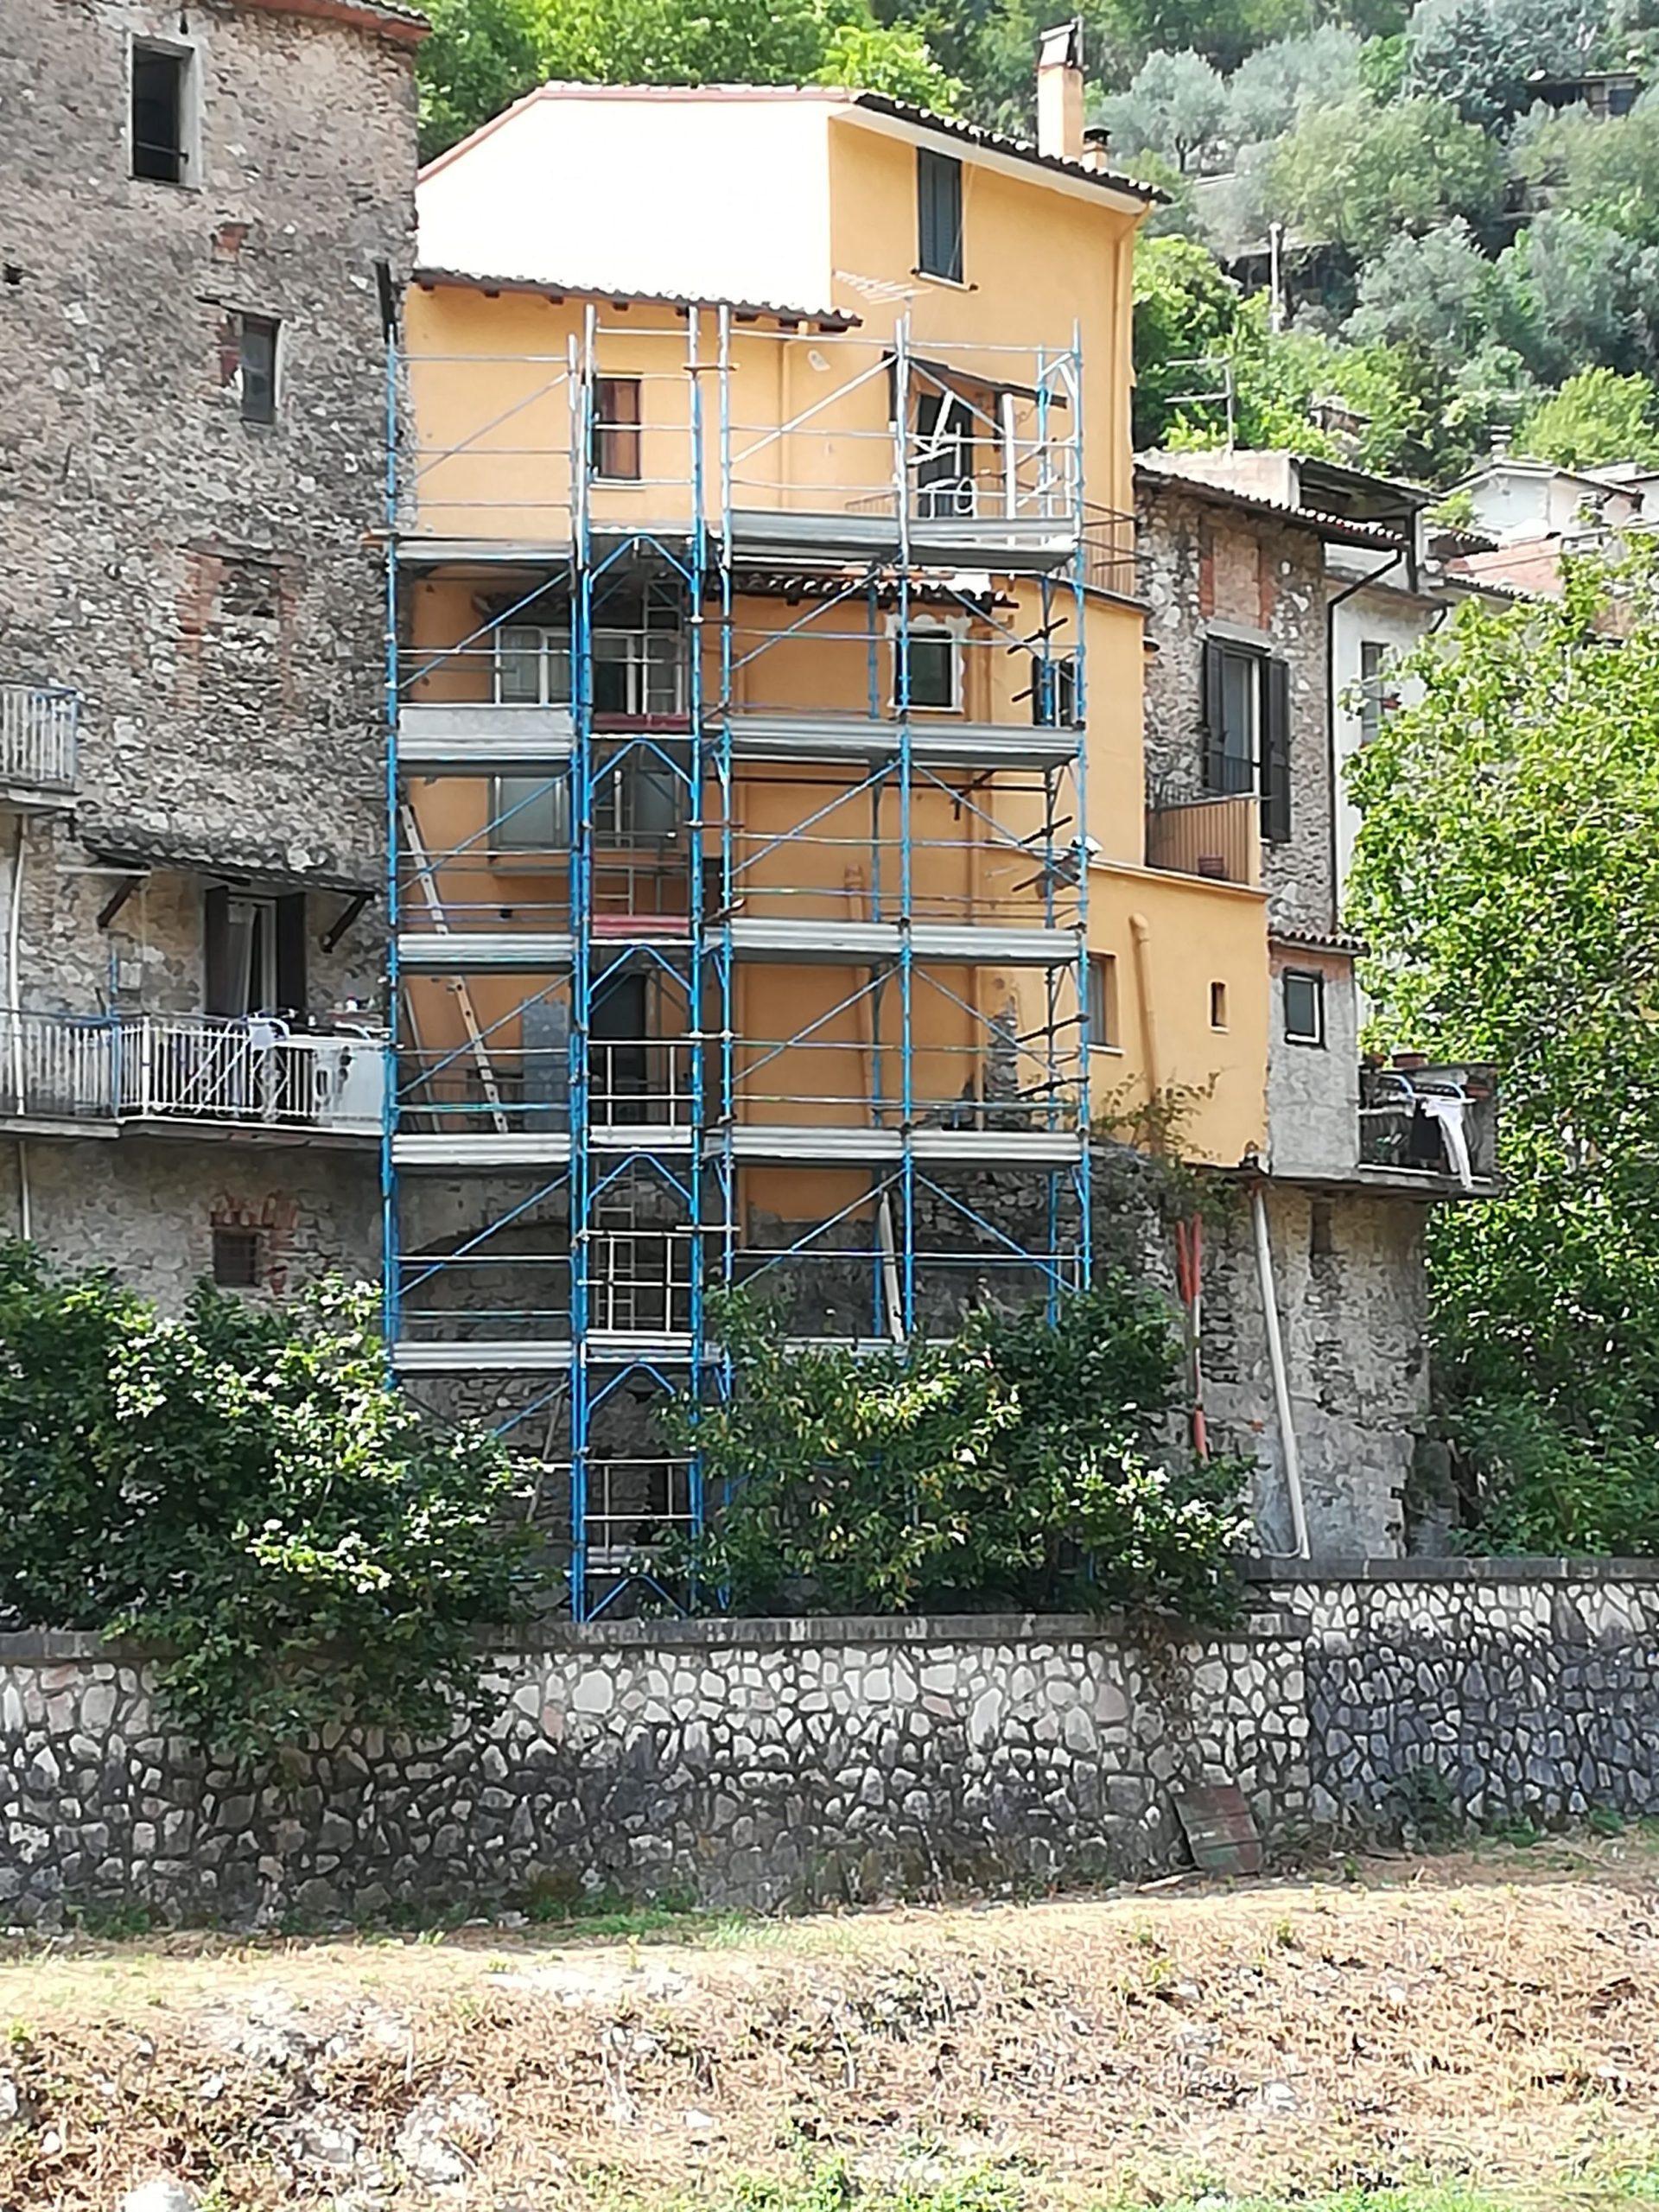 Intervento di riparazione danni lievi e rafforzamento locale di un immobile sito ad Antrodoco (RI) a seguito del sisma del 2016